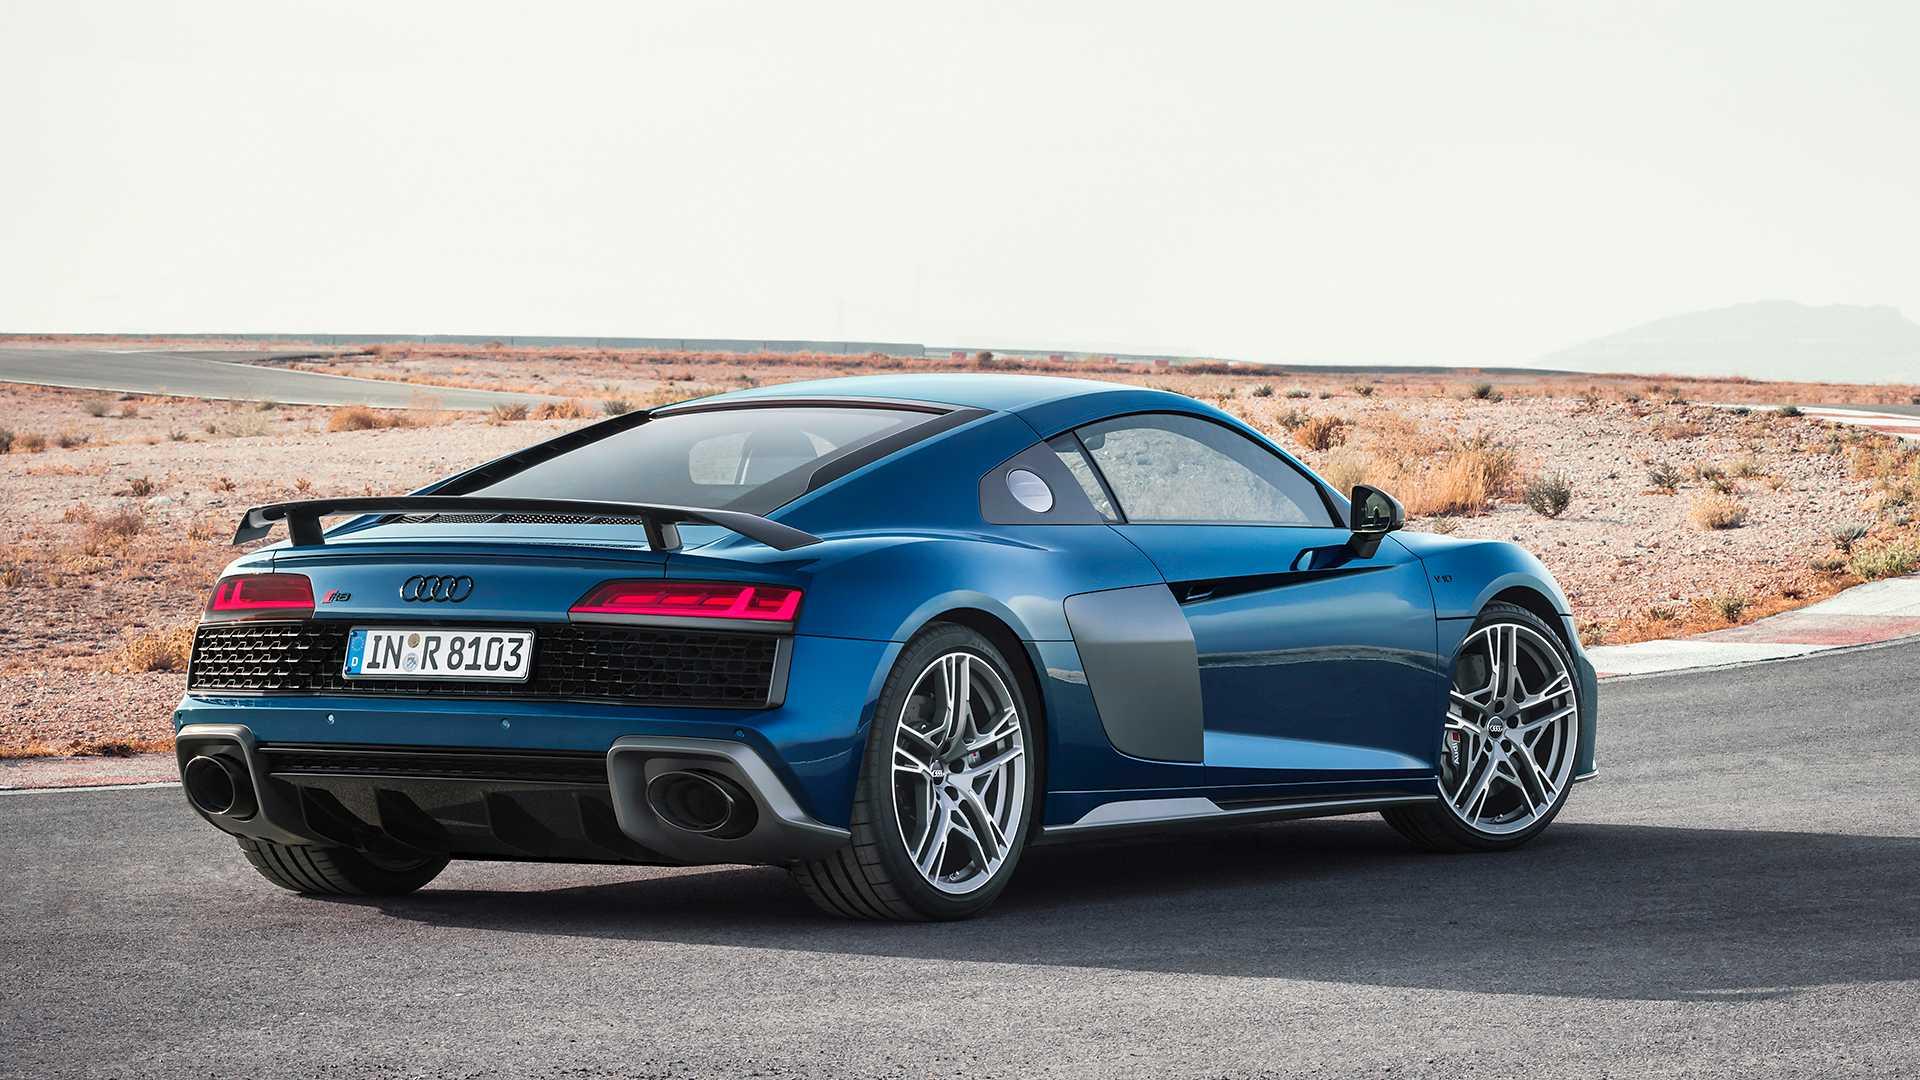 Audi тестирует каждый R8 на дорогах перед выдачей клиенту 2